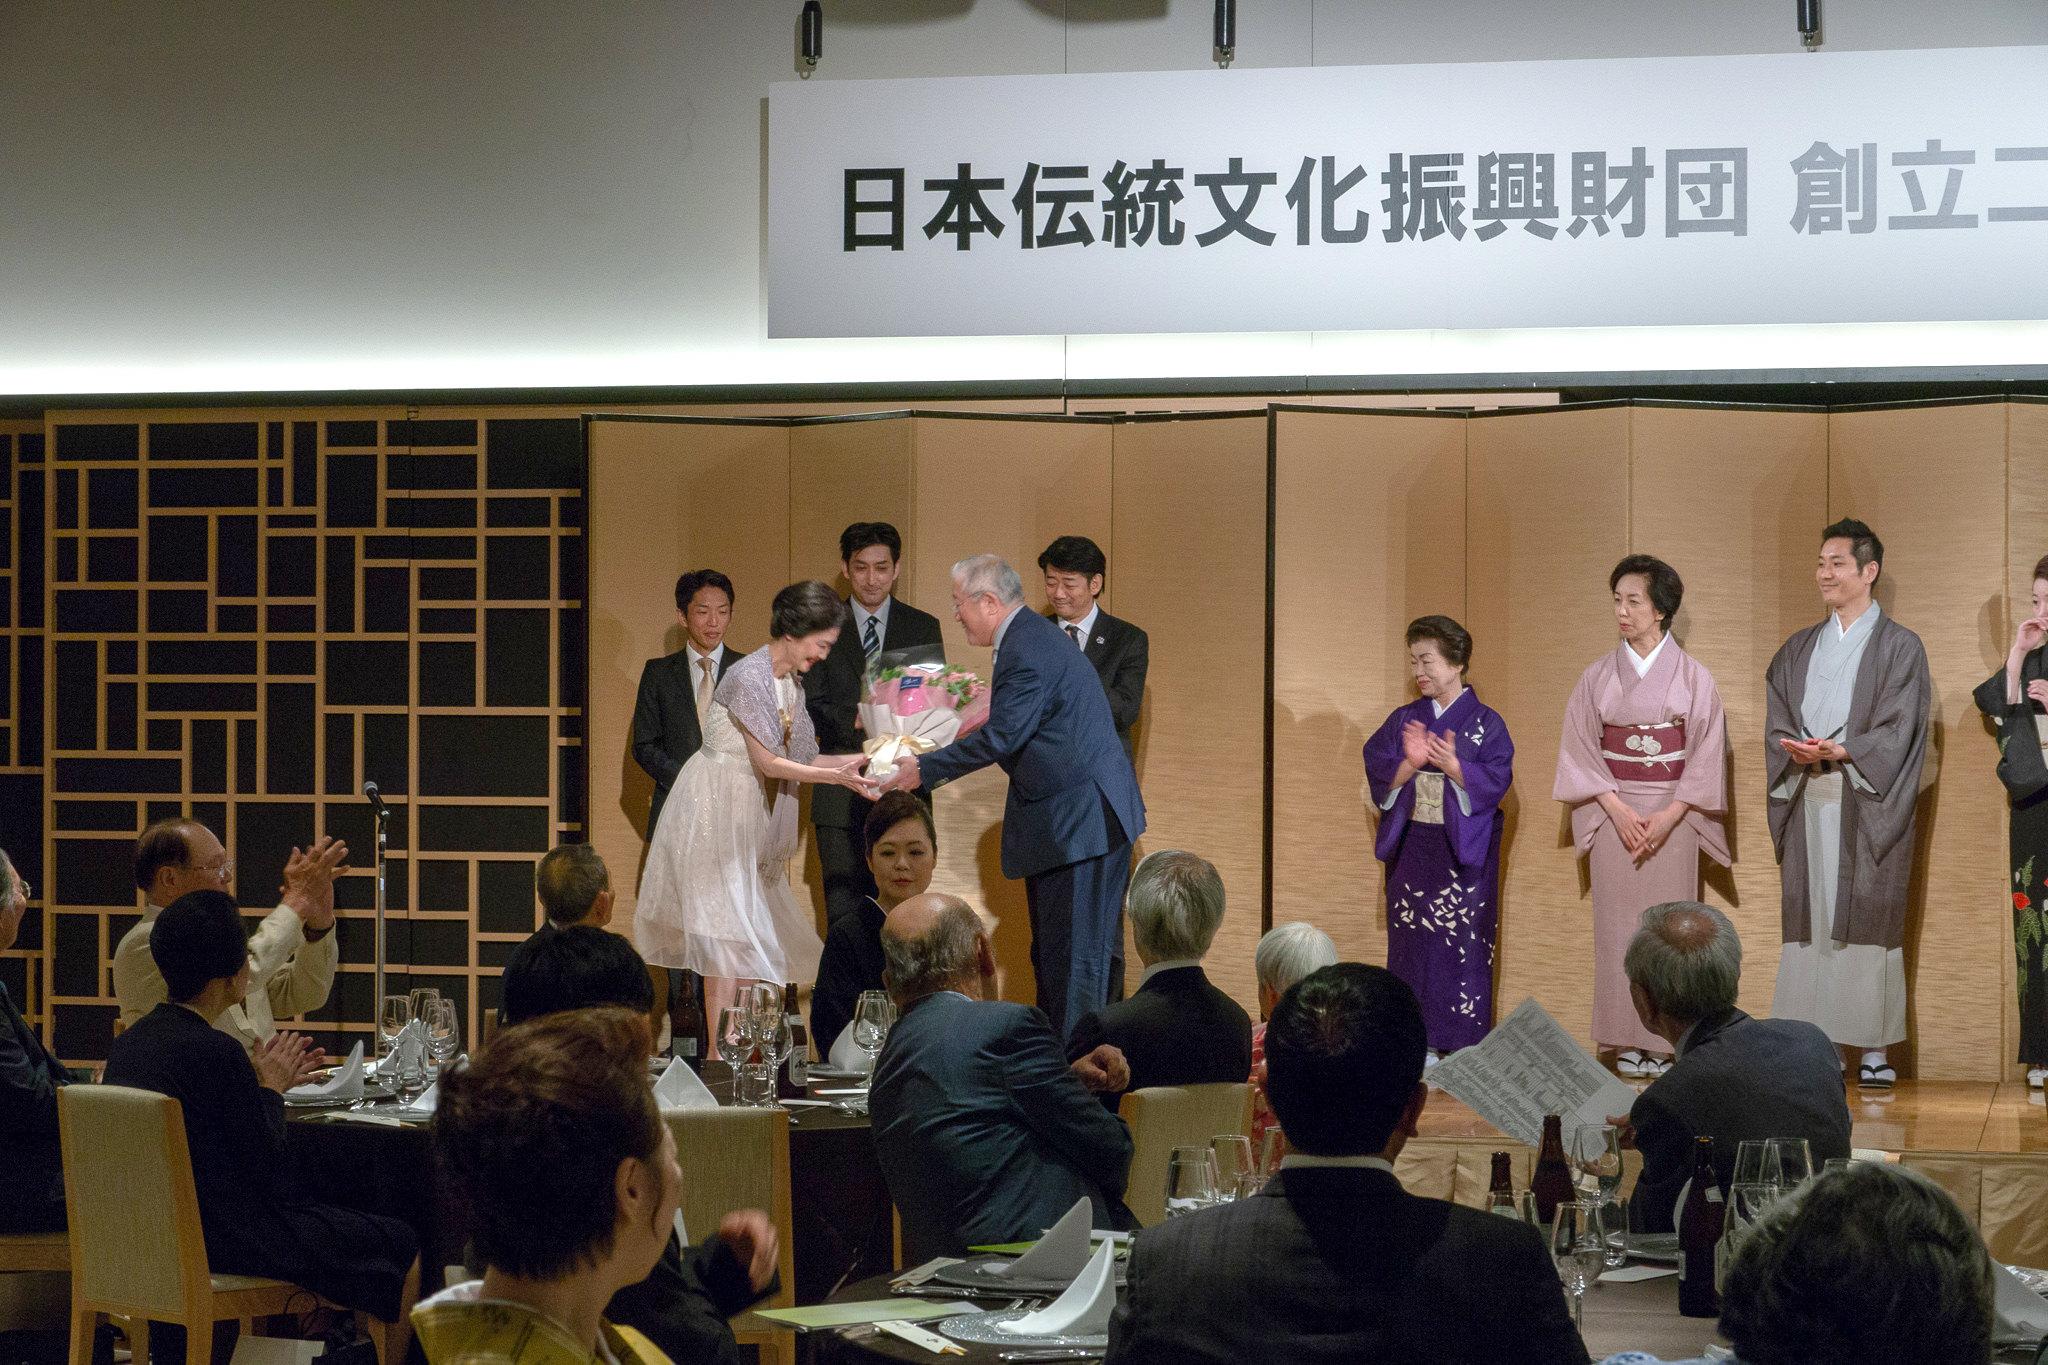 中島賞の鶴澤津賀寿さんには第3回受賞者の萩岡松韻さんから花束の贈呈